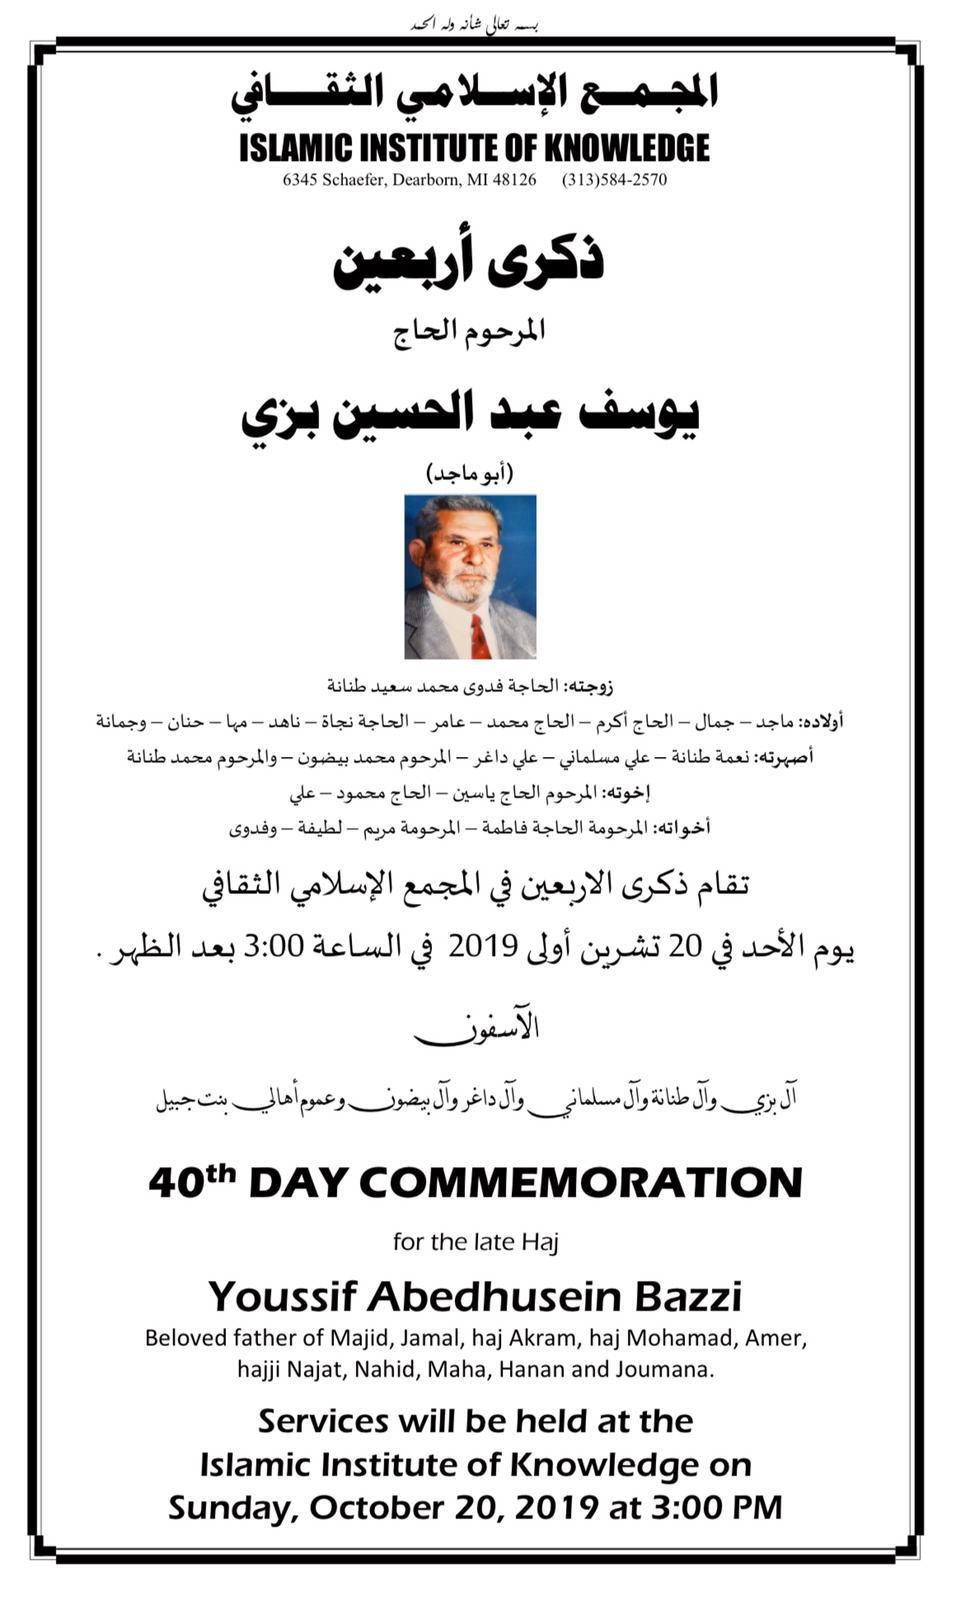 ذكرى أربعين المرحوم الحاج يوسف عبد الحسين بزي (أبو ماجد) في ديربورن